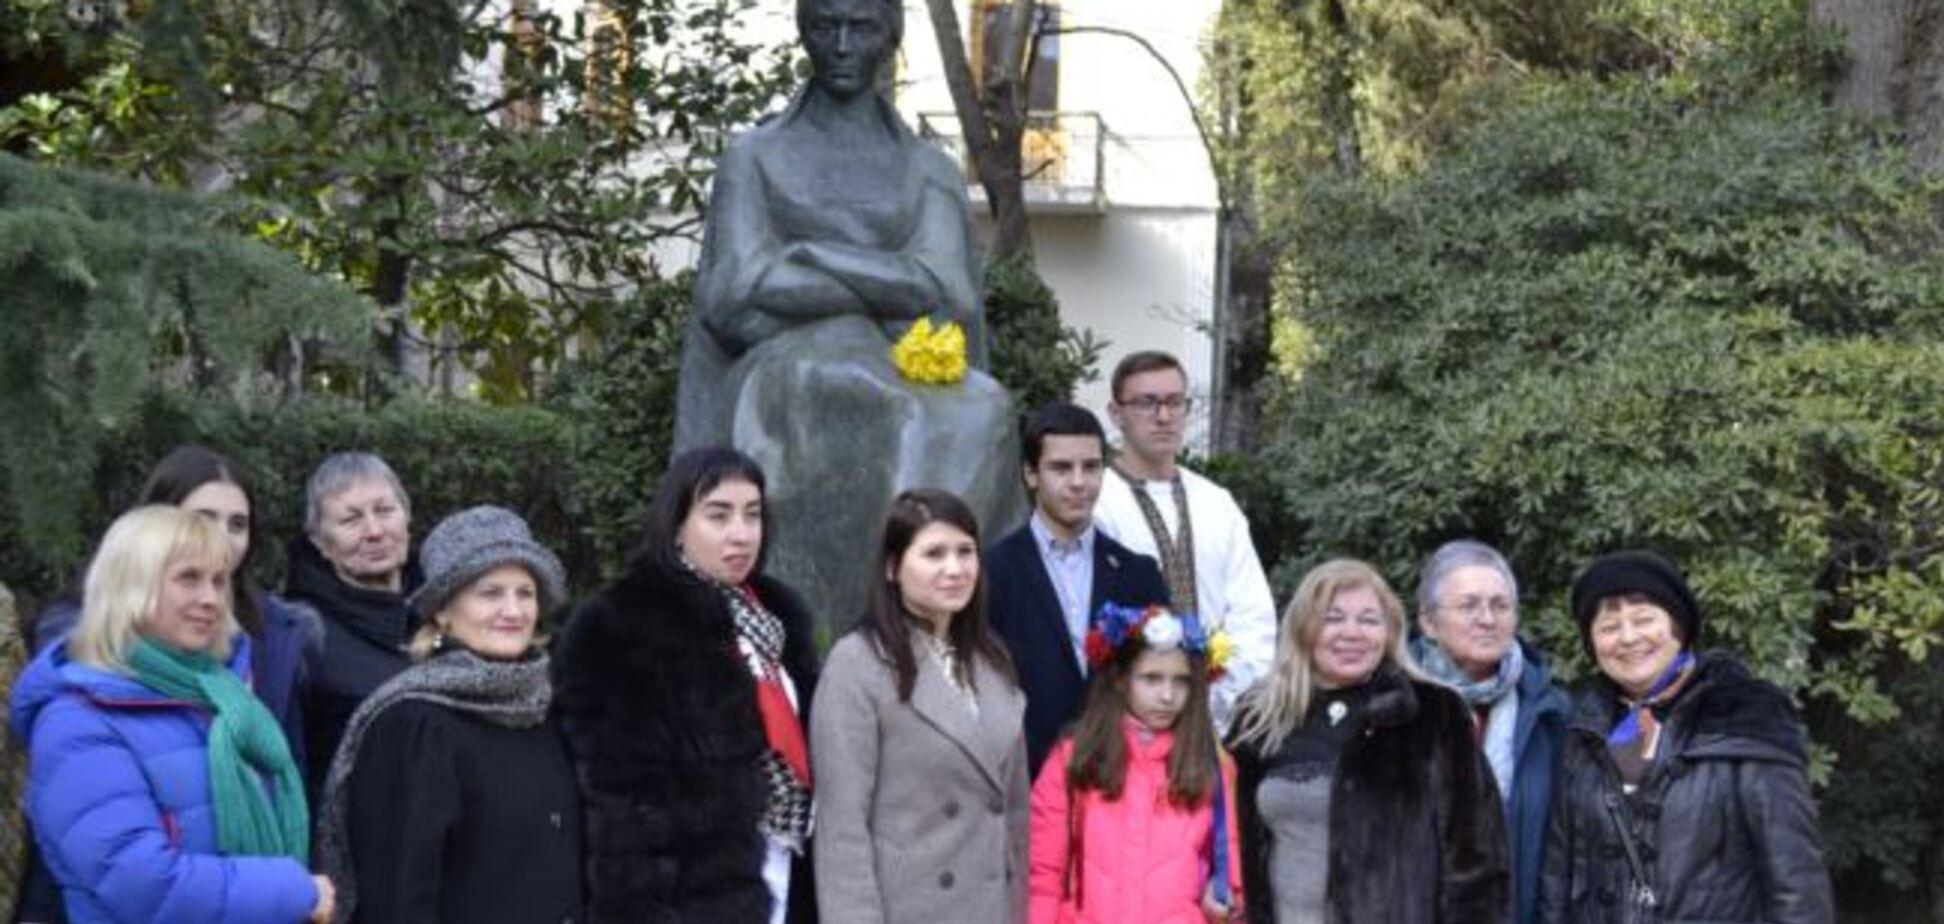 149 років від дня народження Лесі Українки: школярі в Криму вразили вчинком